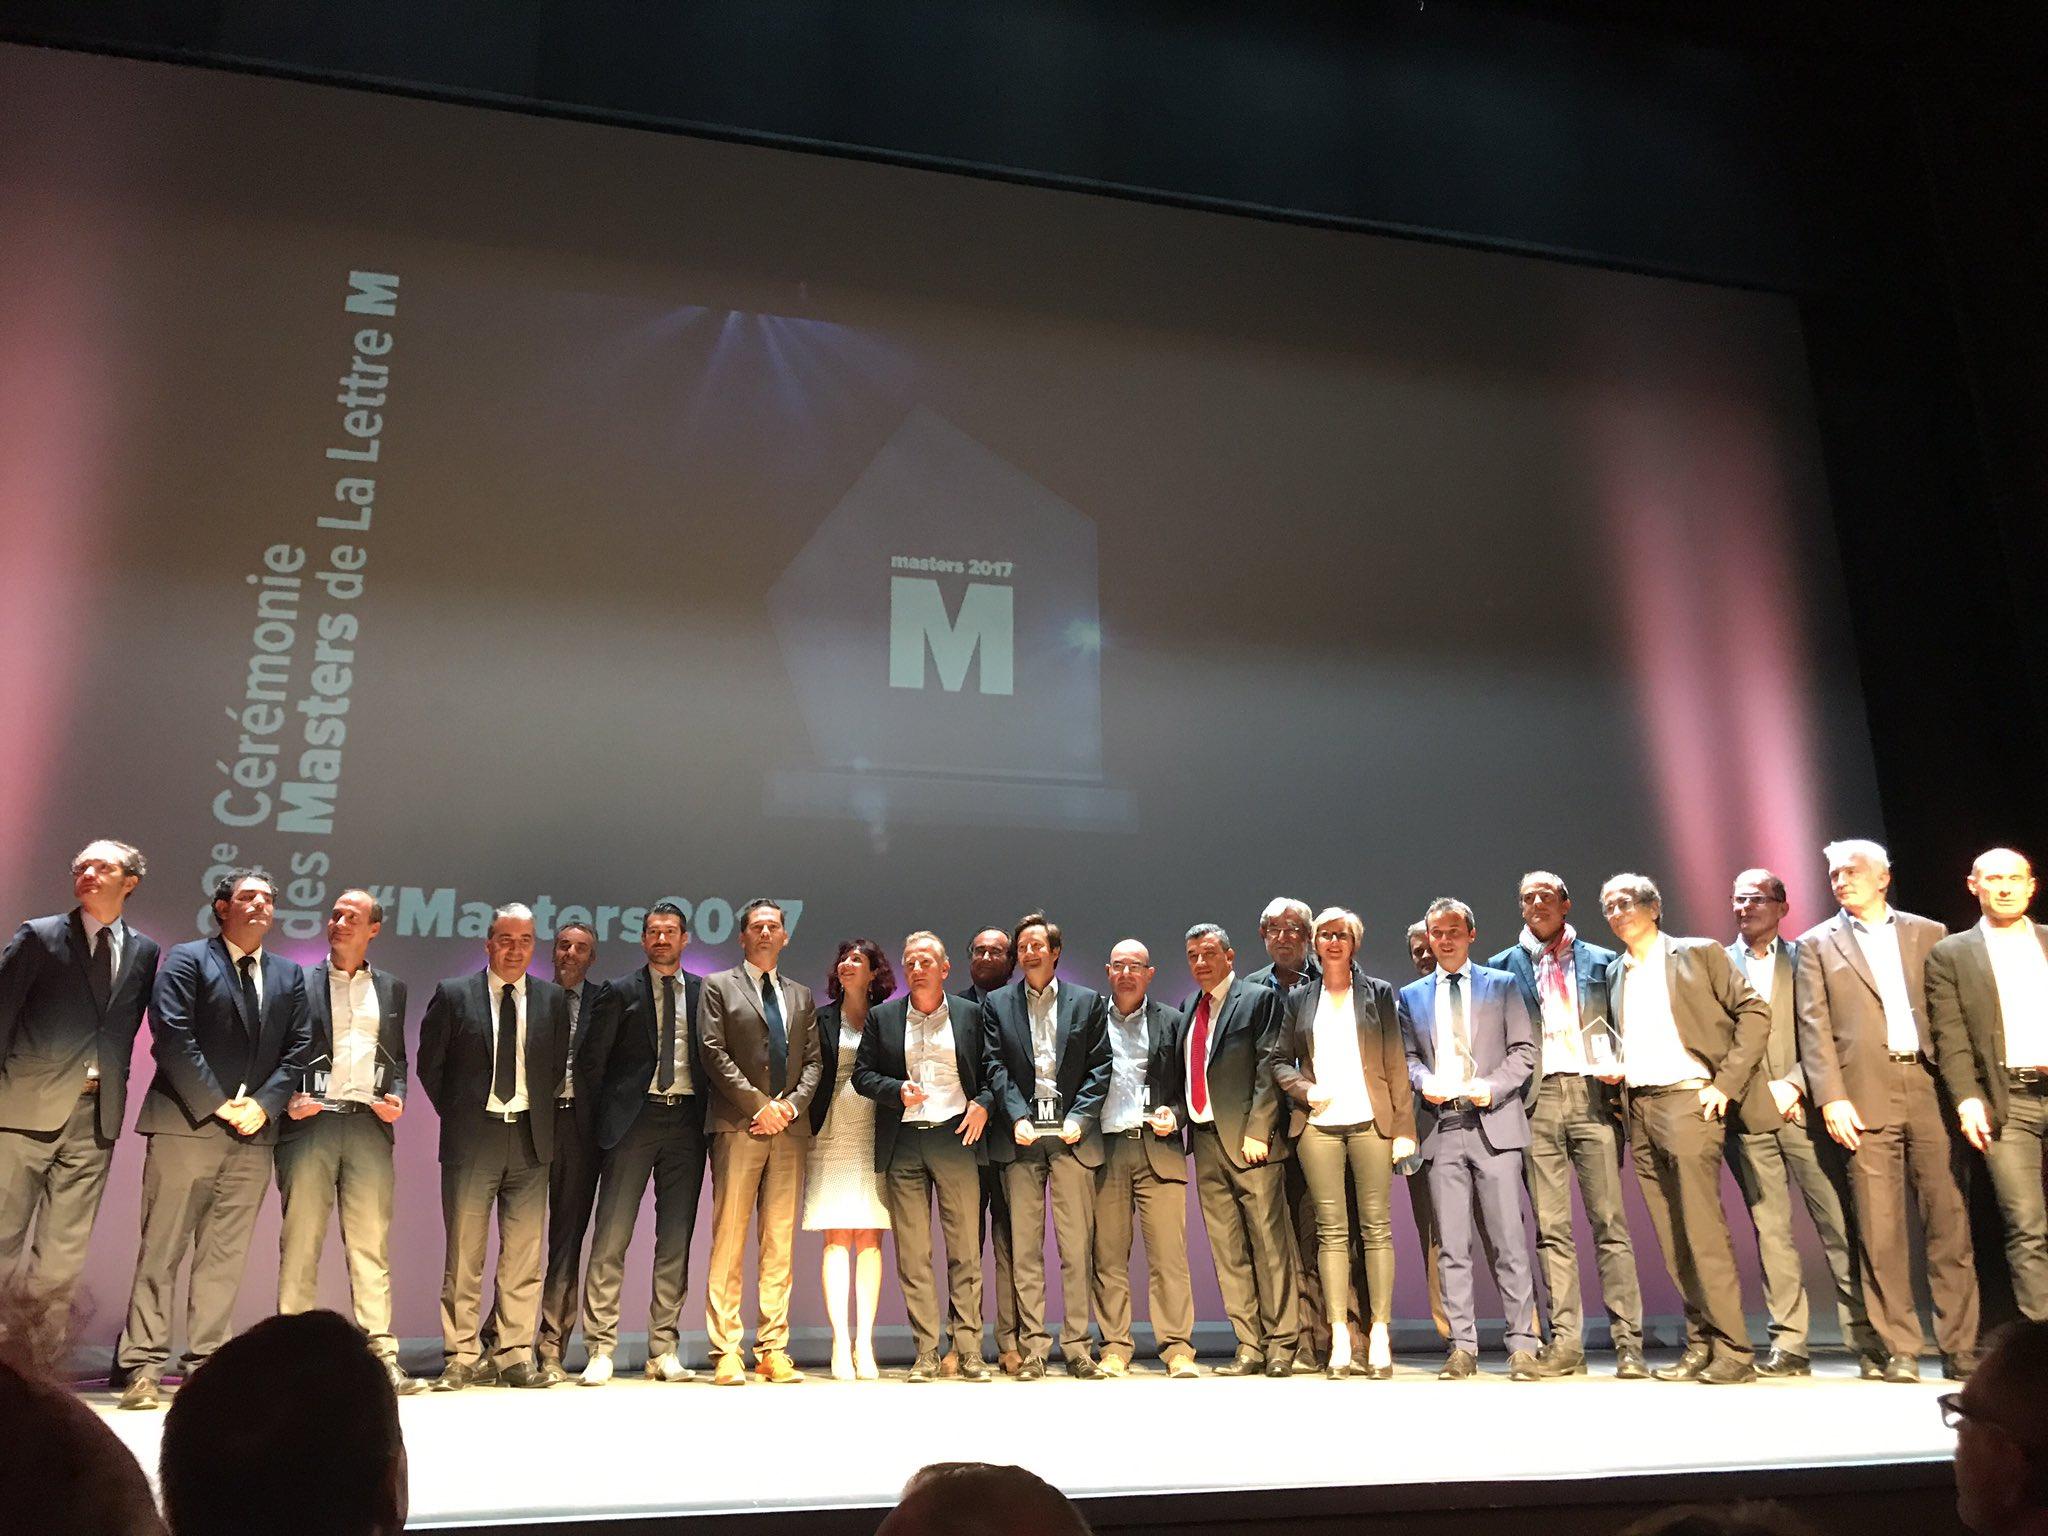 Masters 2017 : Le trophée coup de coeur remis à Groupe Ecia